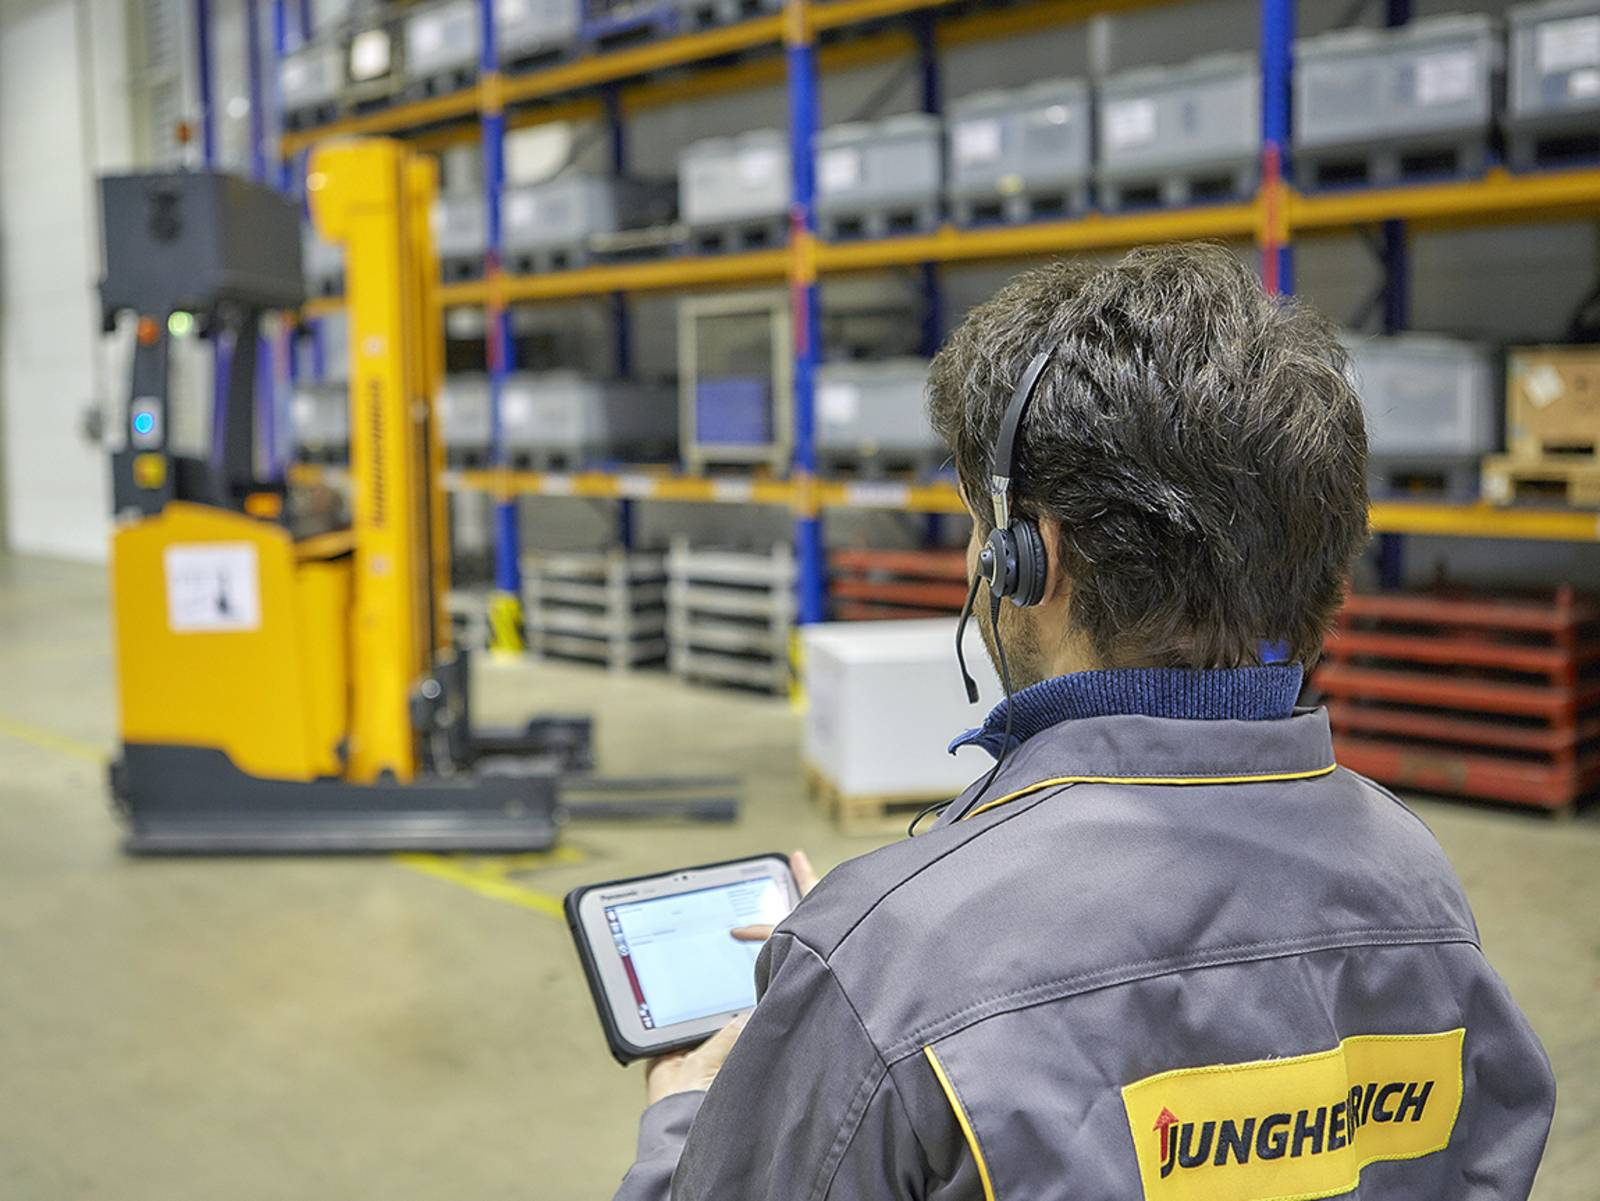 Foto: Ein Mann steuert mit Tablet und Headset einen intelligenten Schubmaststapler.